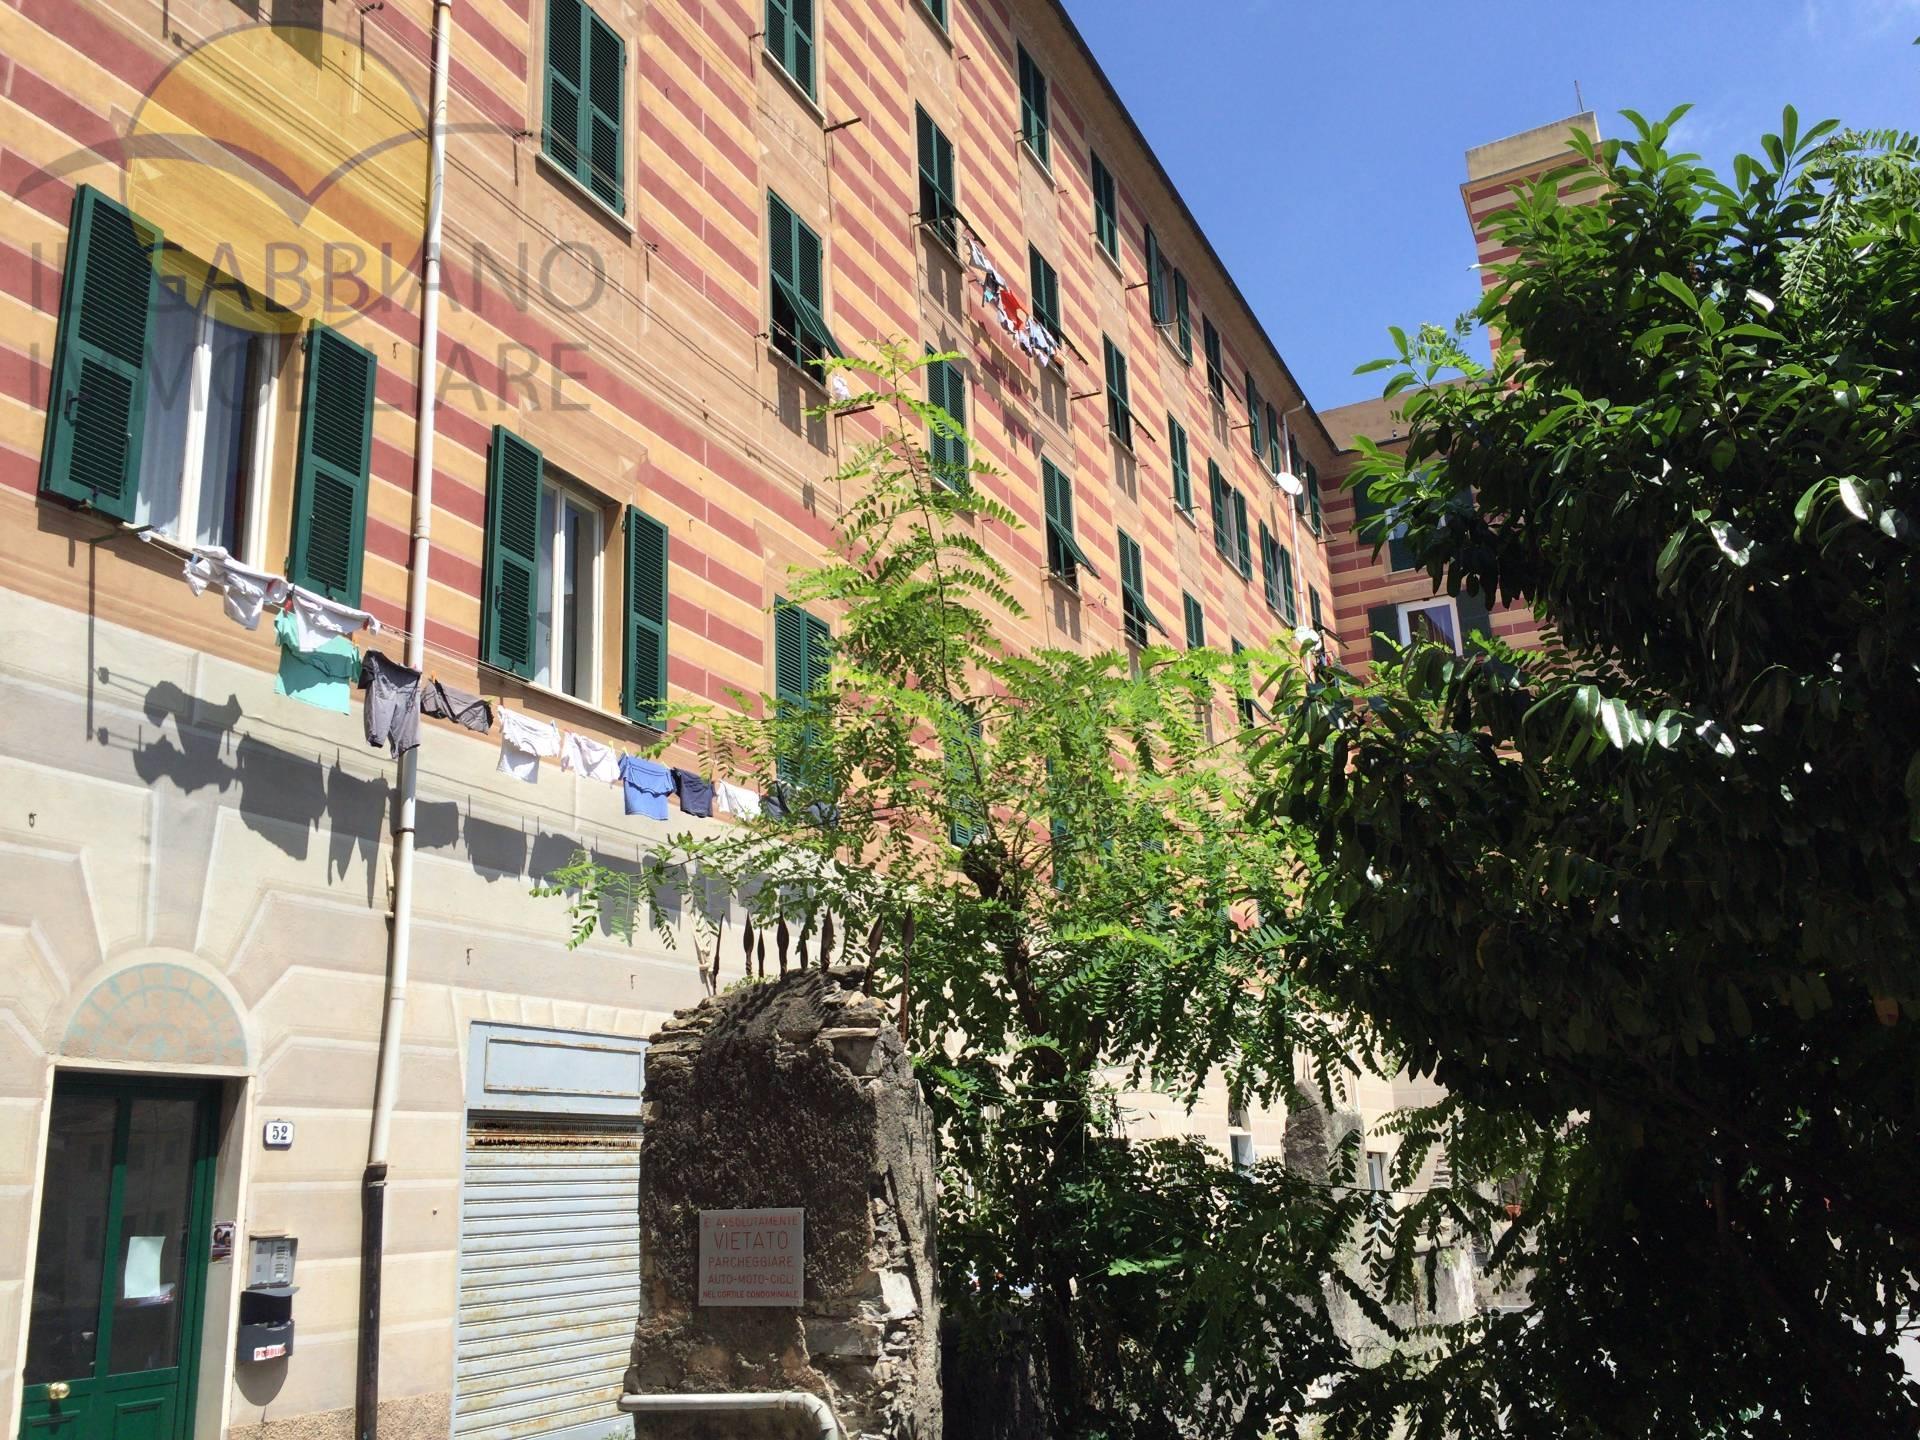 Negozio / Locale in vendita a Recco, 9999 locali, zona Località: centrale, prezzo € 155.000 | Cambio Casa.it